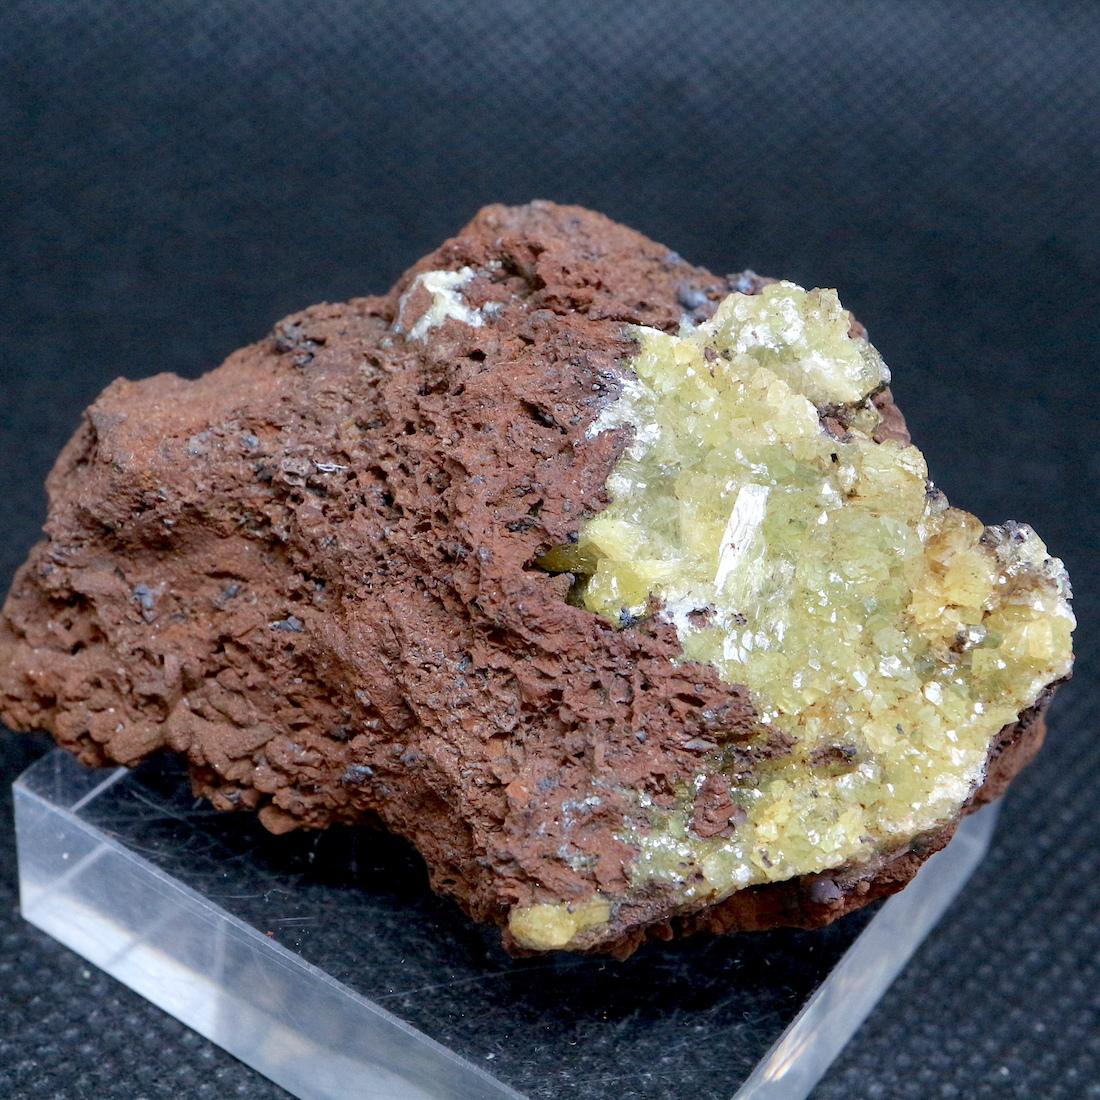 アダマイト アダム鉱 Adamite  メキシコ産 36,4g ADM006 原石 鉱物 天然石 標本 パワーストーン アダム石